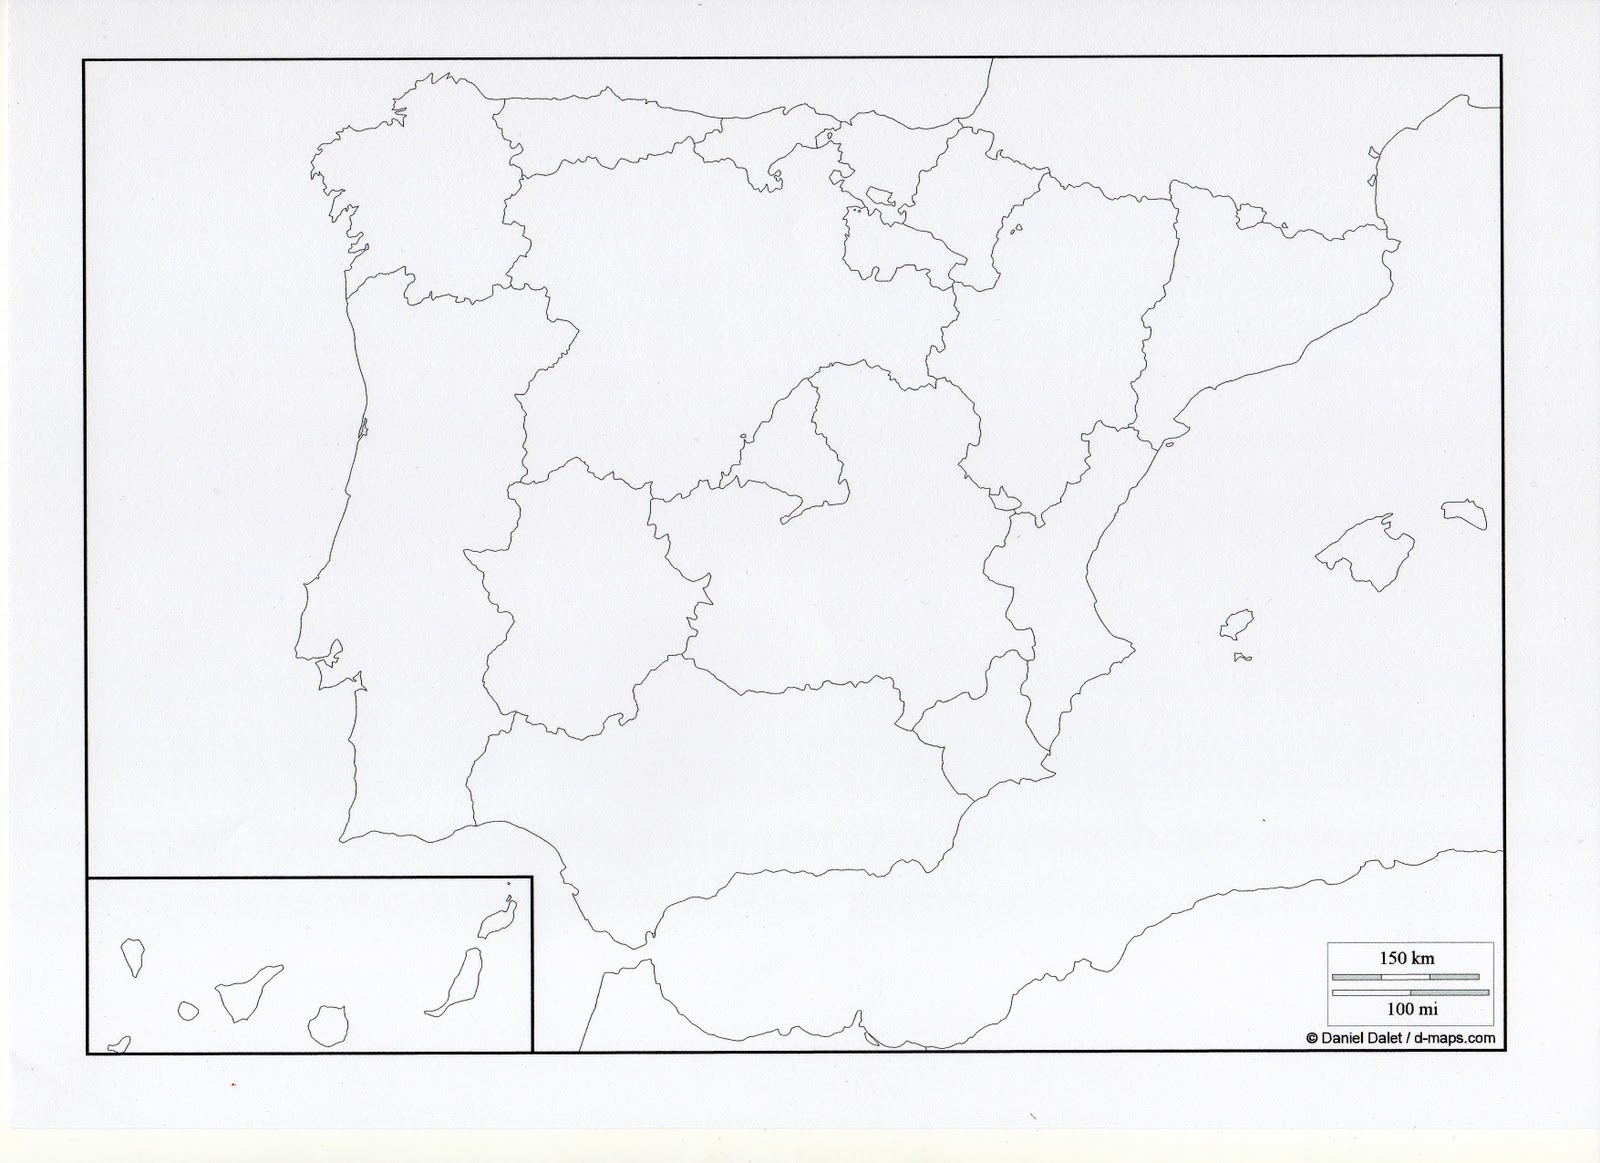 Mapa España Comunidades Autonomas Blanco Y Negro.Marinaeduca Mapas Interactivos De Espana